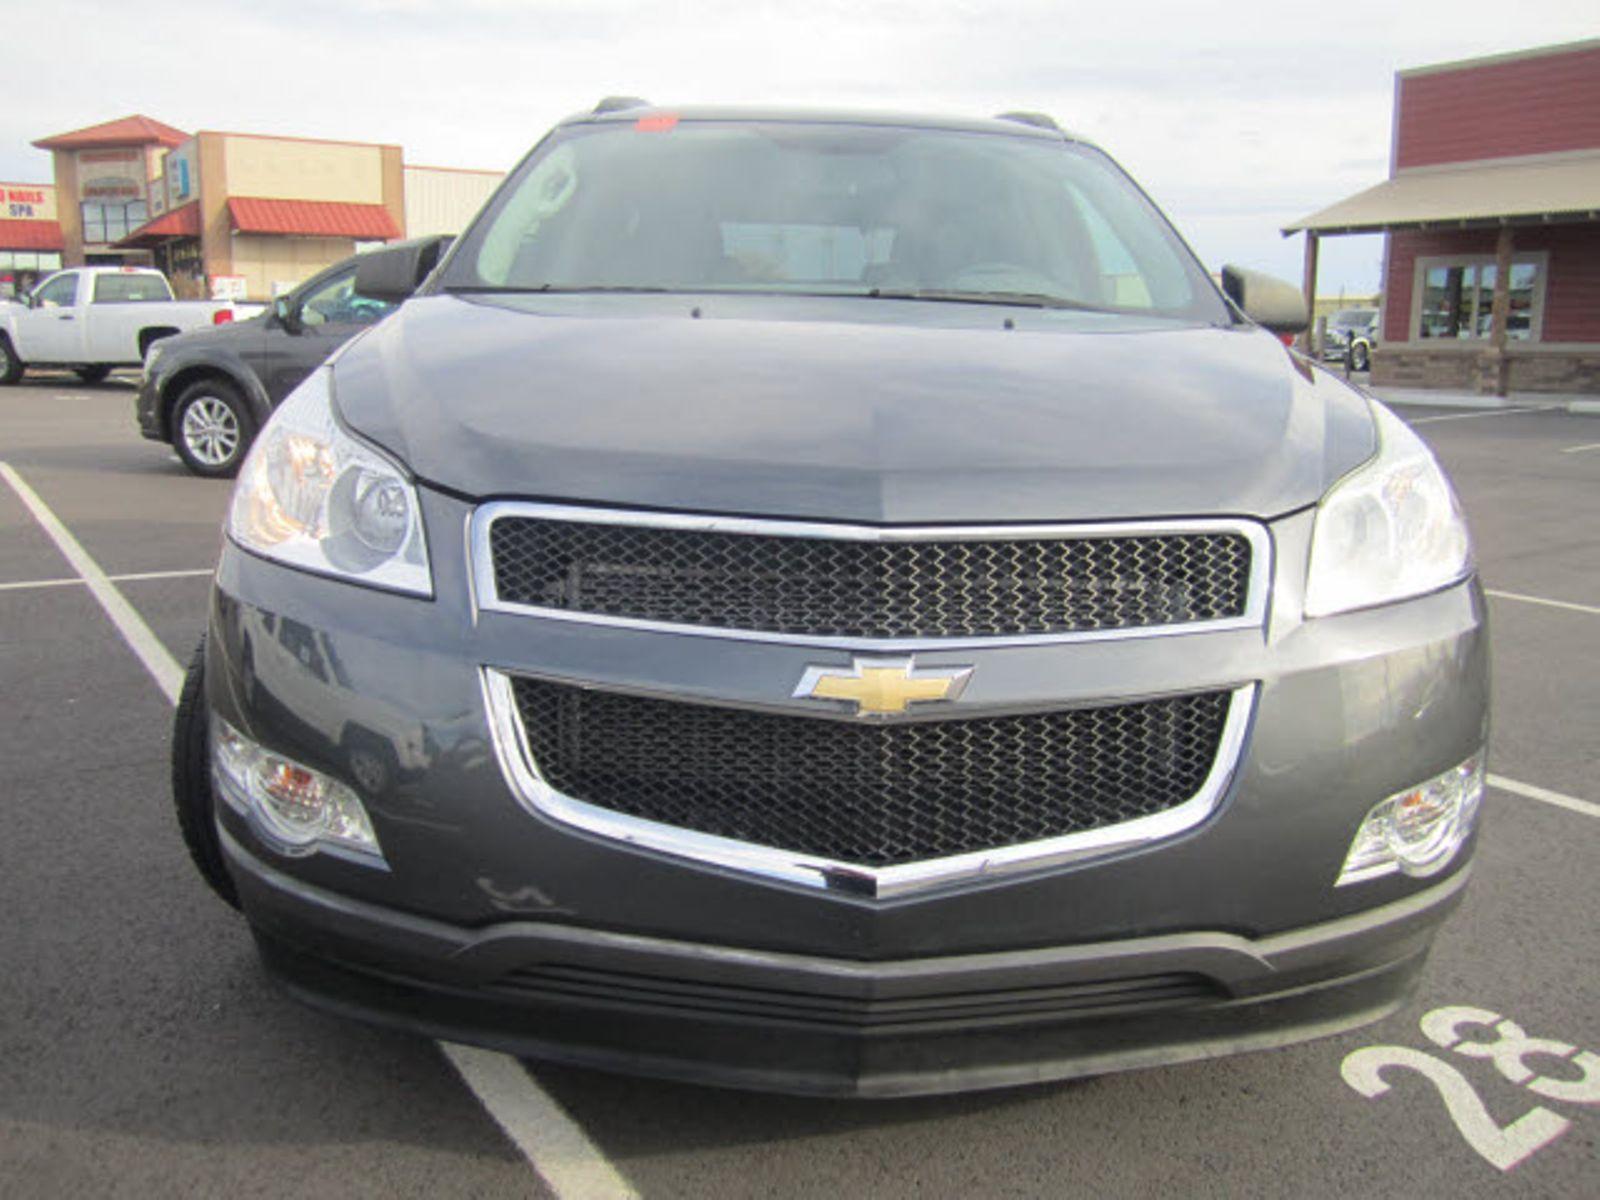 Rhodes Chevrolet In Van Buren Fort Smith And Autos Post